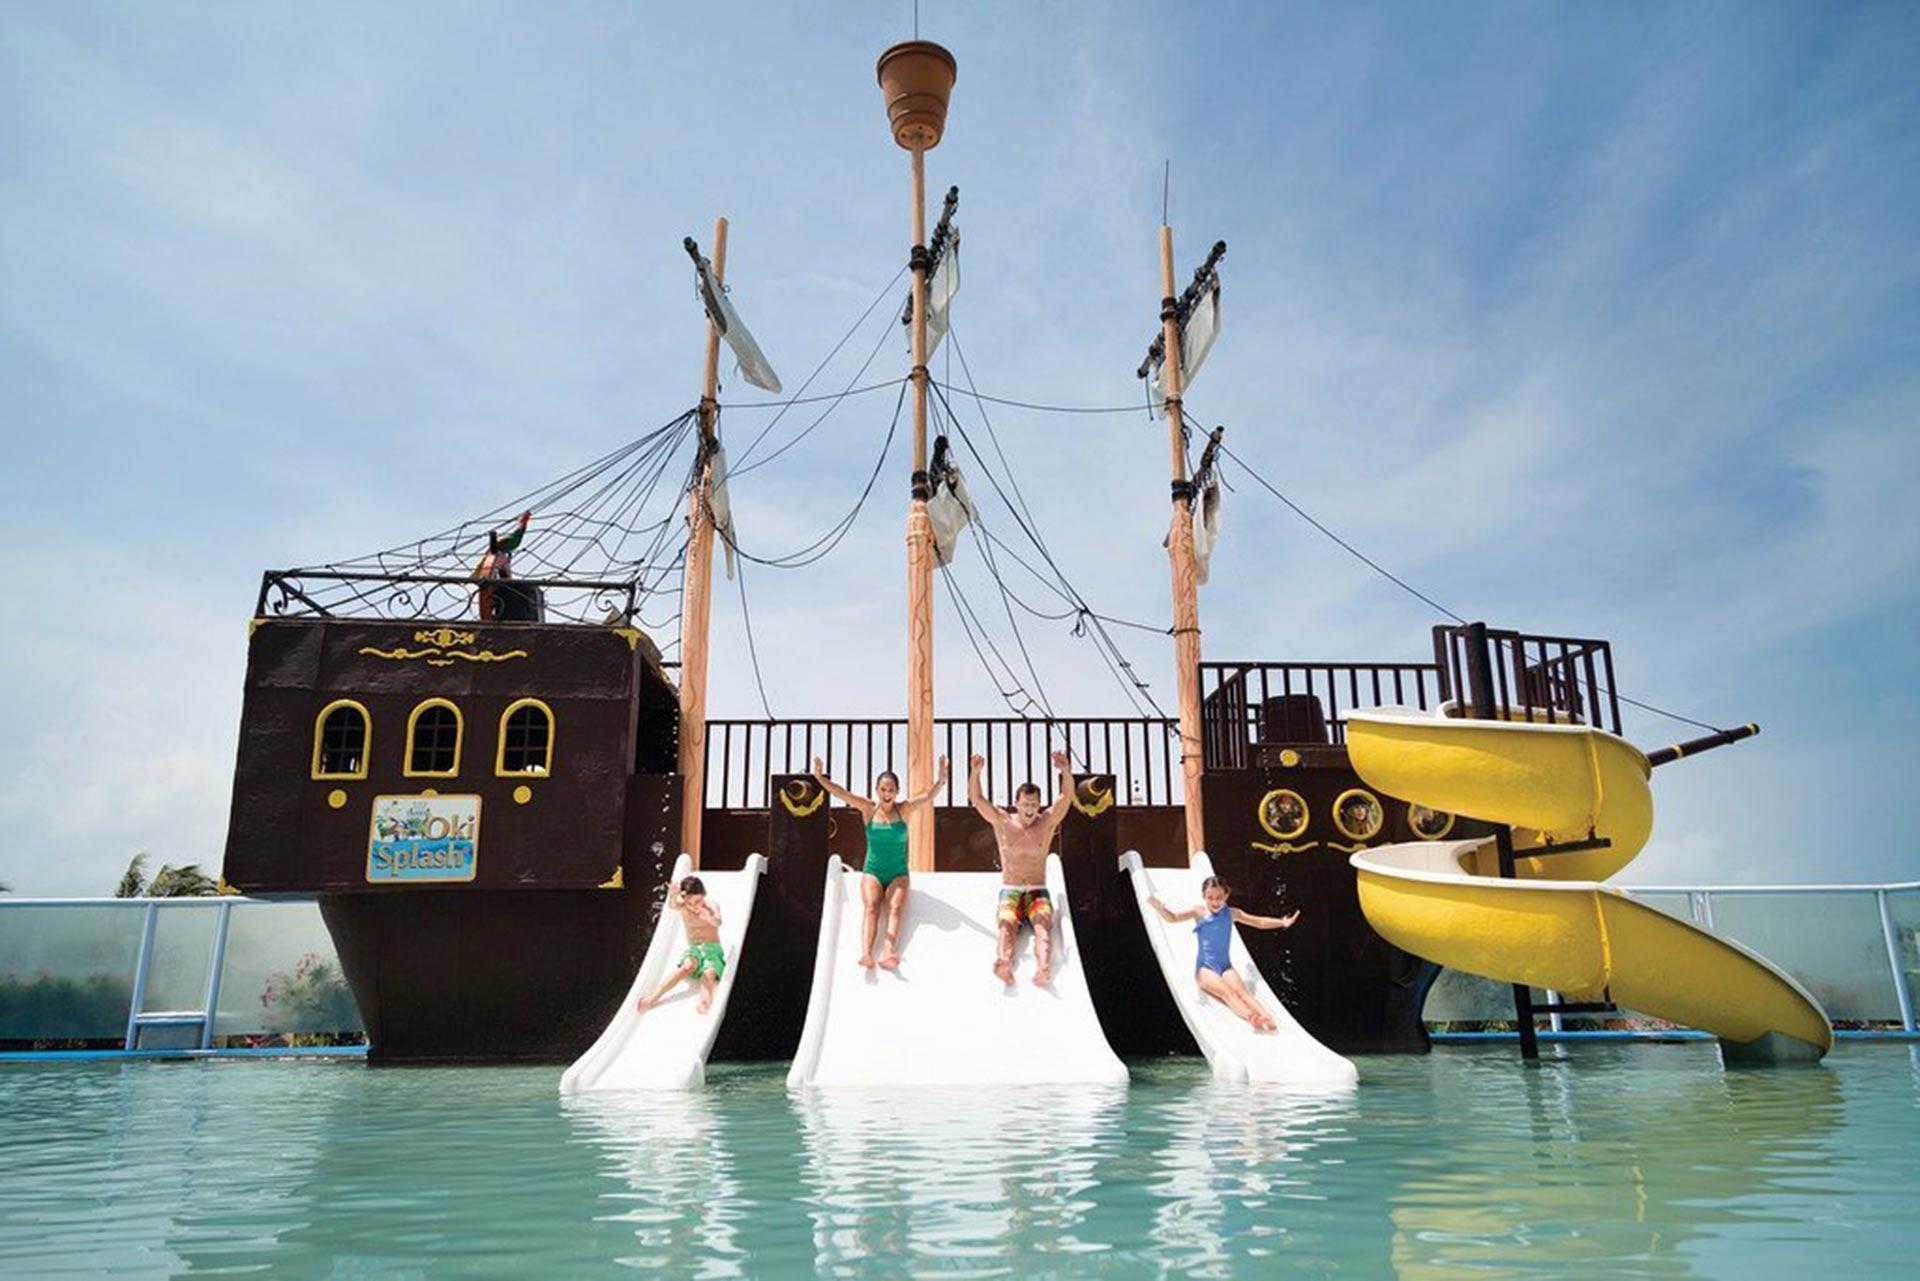 The water park at Panama Jack Resorts Cancun